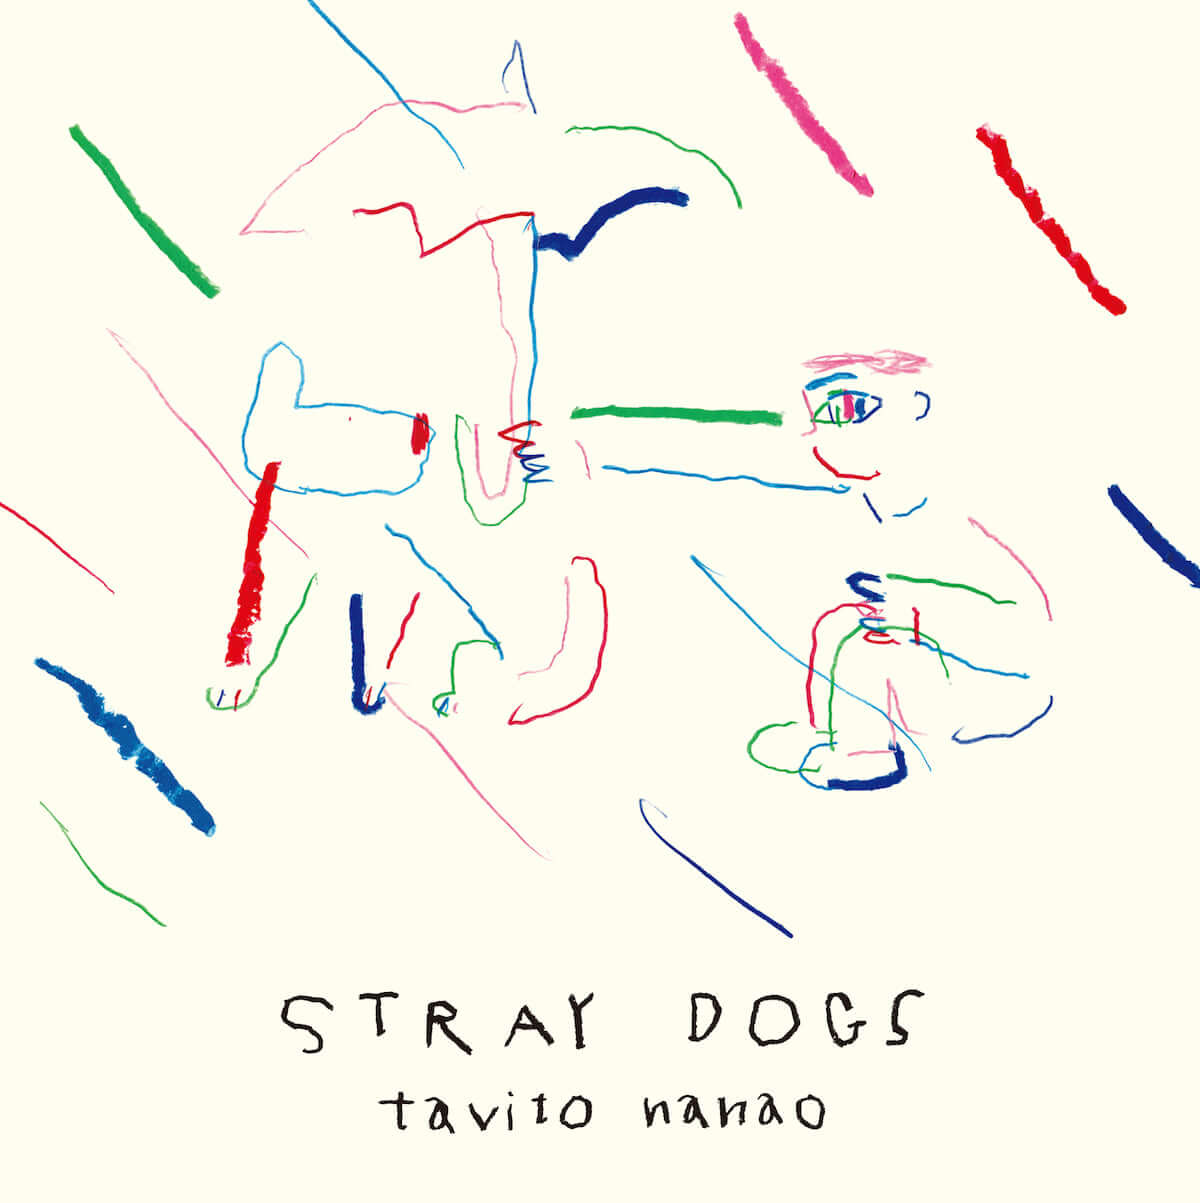 七尾旅人のニューアルバム「Stray Dogs」が12月に発売|Shingo SuzukiやKan Sano、石橋英子らが参加 music181024-tavito-1-1200x1203